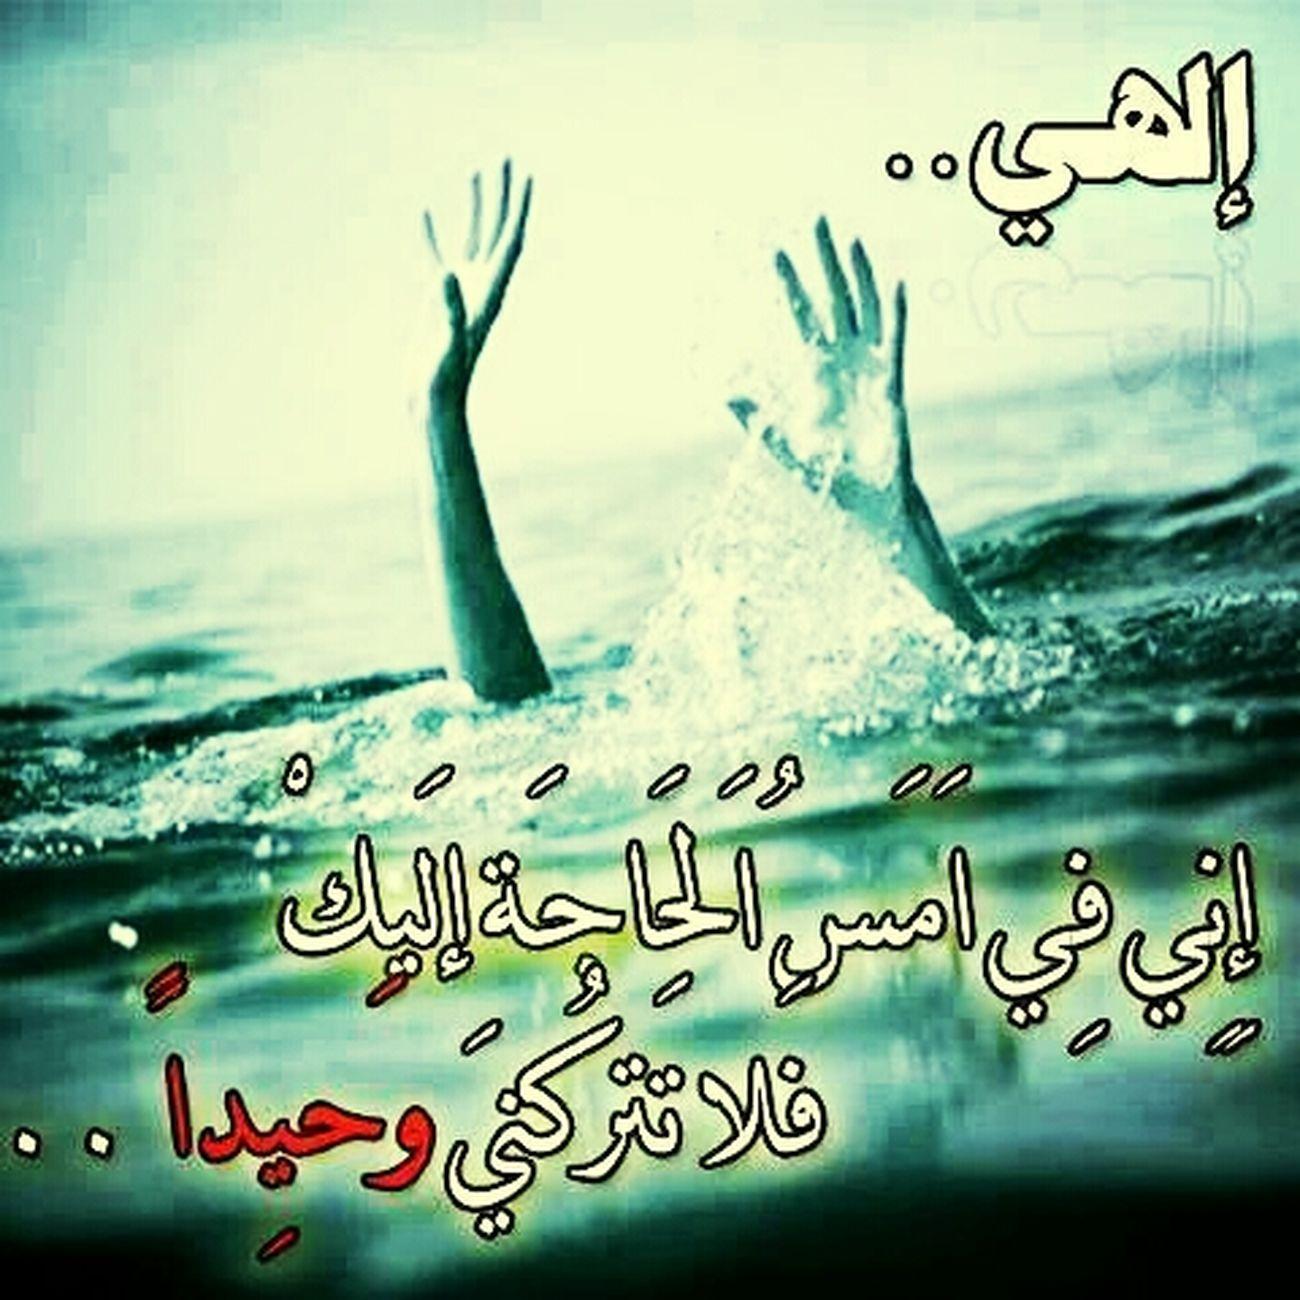 يا رب العال Amazing View Heartart People Are People جامعة بغداد كلية الادارة والاقتصادمين يا رحمن يا رحيم